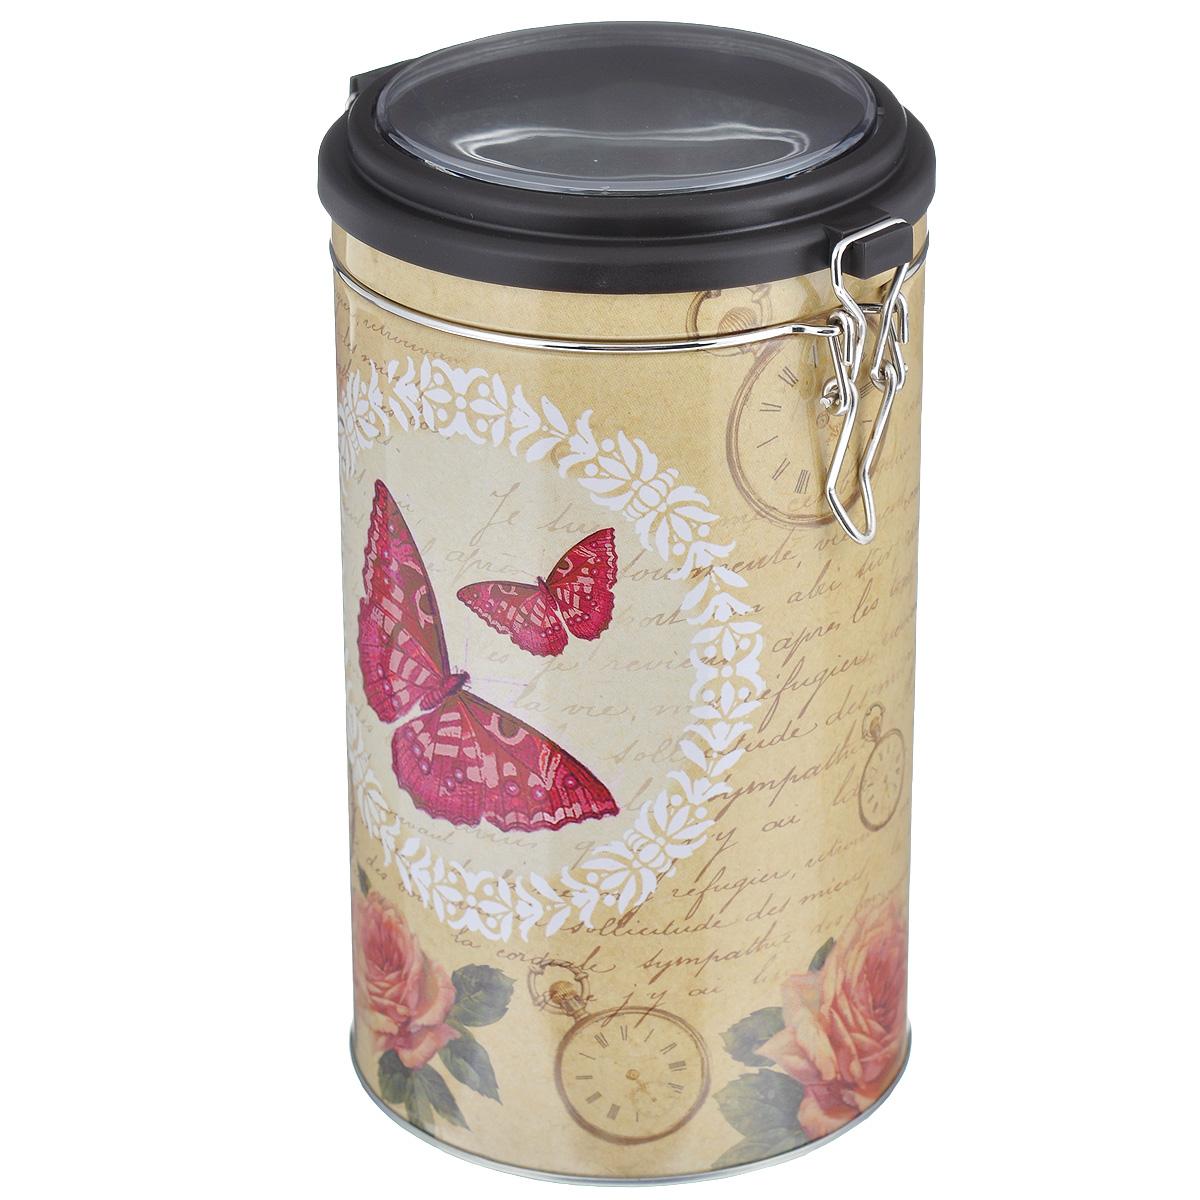 Банка для сыпучих продуктов Феникс-презент Розовая бабочка, 1,8 л37637Банка для сыпучих продуктов Феникс-презент Розовая бабочка, изготовленная из окрашенного черного металла, оформлена ярким рисунком. Банка прекрасно подойдет для хранения различных сыпучих продуктов: специй, чая, кофе, сахара, круп и многого другого. Емкость плотно закрывается прозрачной пластиковой крышкой на металлический замок. Благодаря этому она будет дольше сохранять свежесть ваших продуктов. Функциональная и вместительная, такая банка станет незаменимым аксессуаром на любой кухне. Нельзя мыть в посудомоечной машине. Объем банки: 1,8 л. Высота банки (без учета крышки): 17,4 см. Диаметр банки (по верхнему краю): 10,5 см.